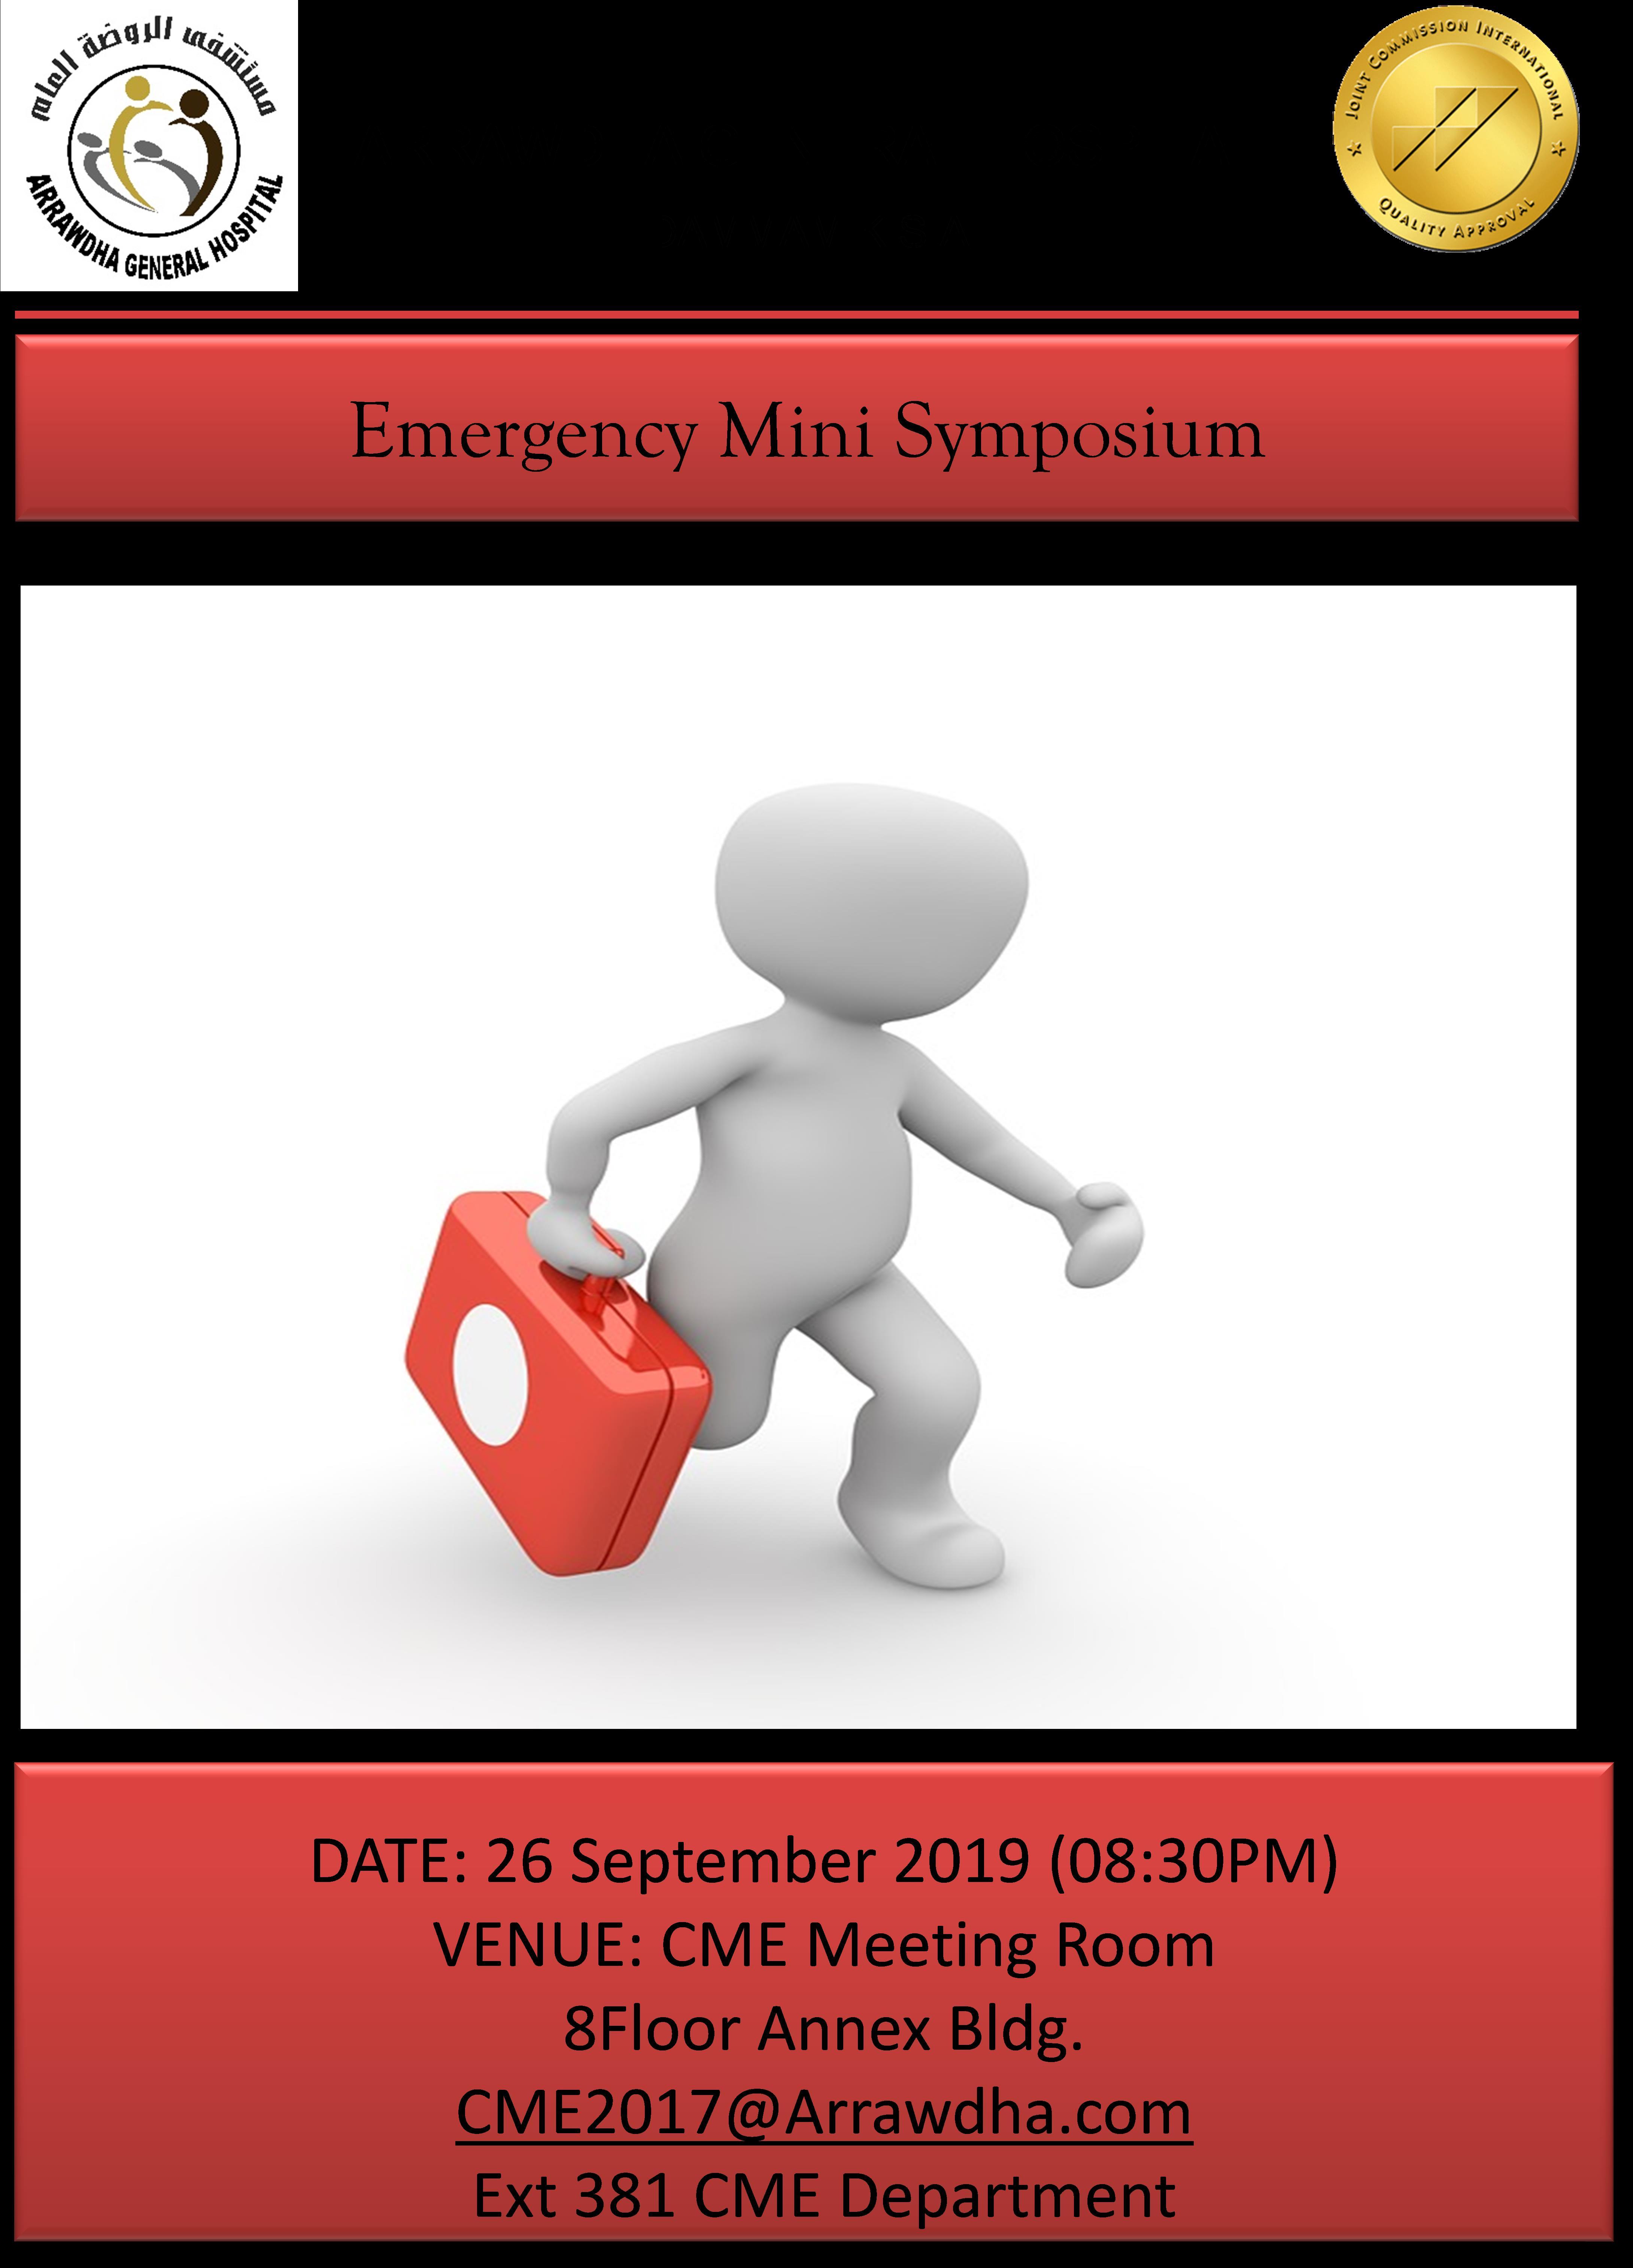 Emergency Mini Symposium